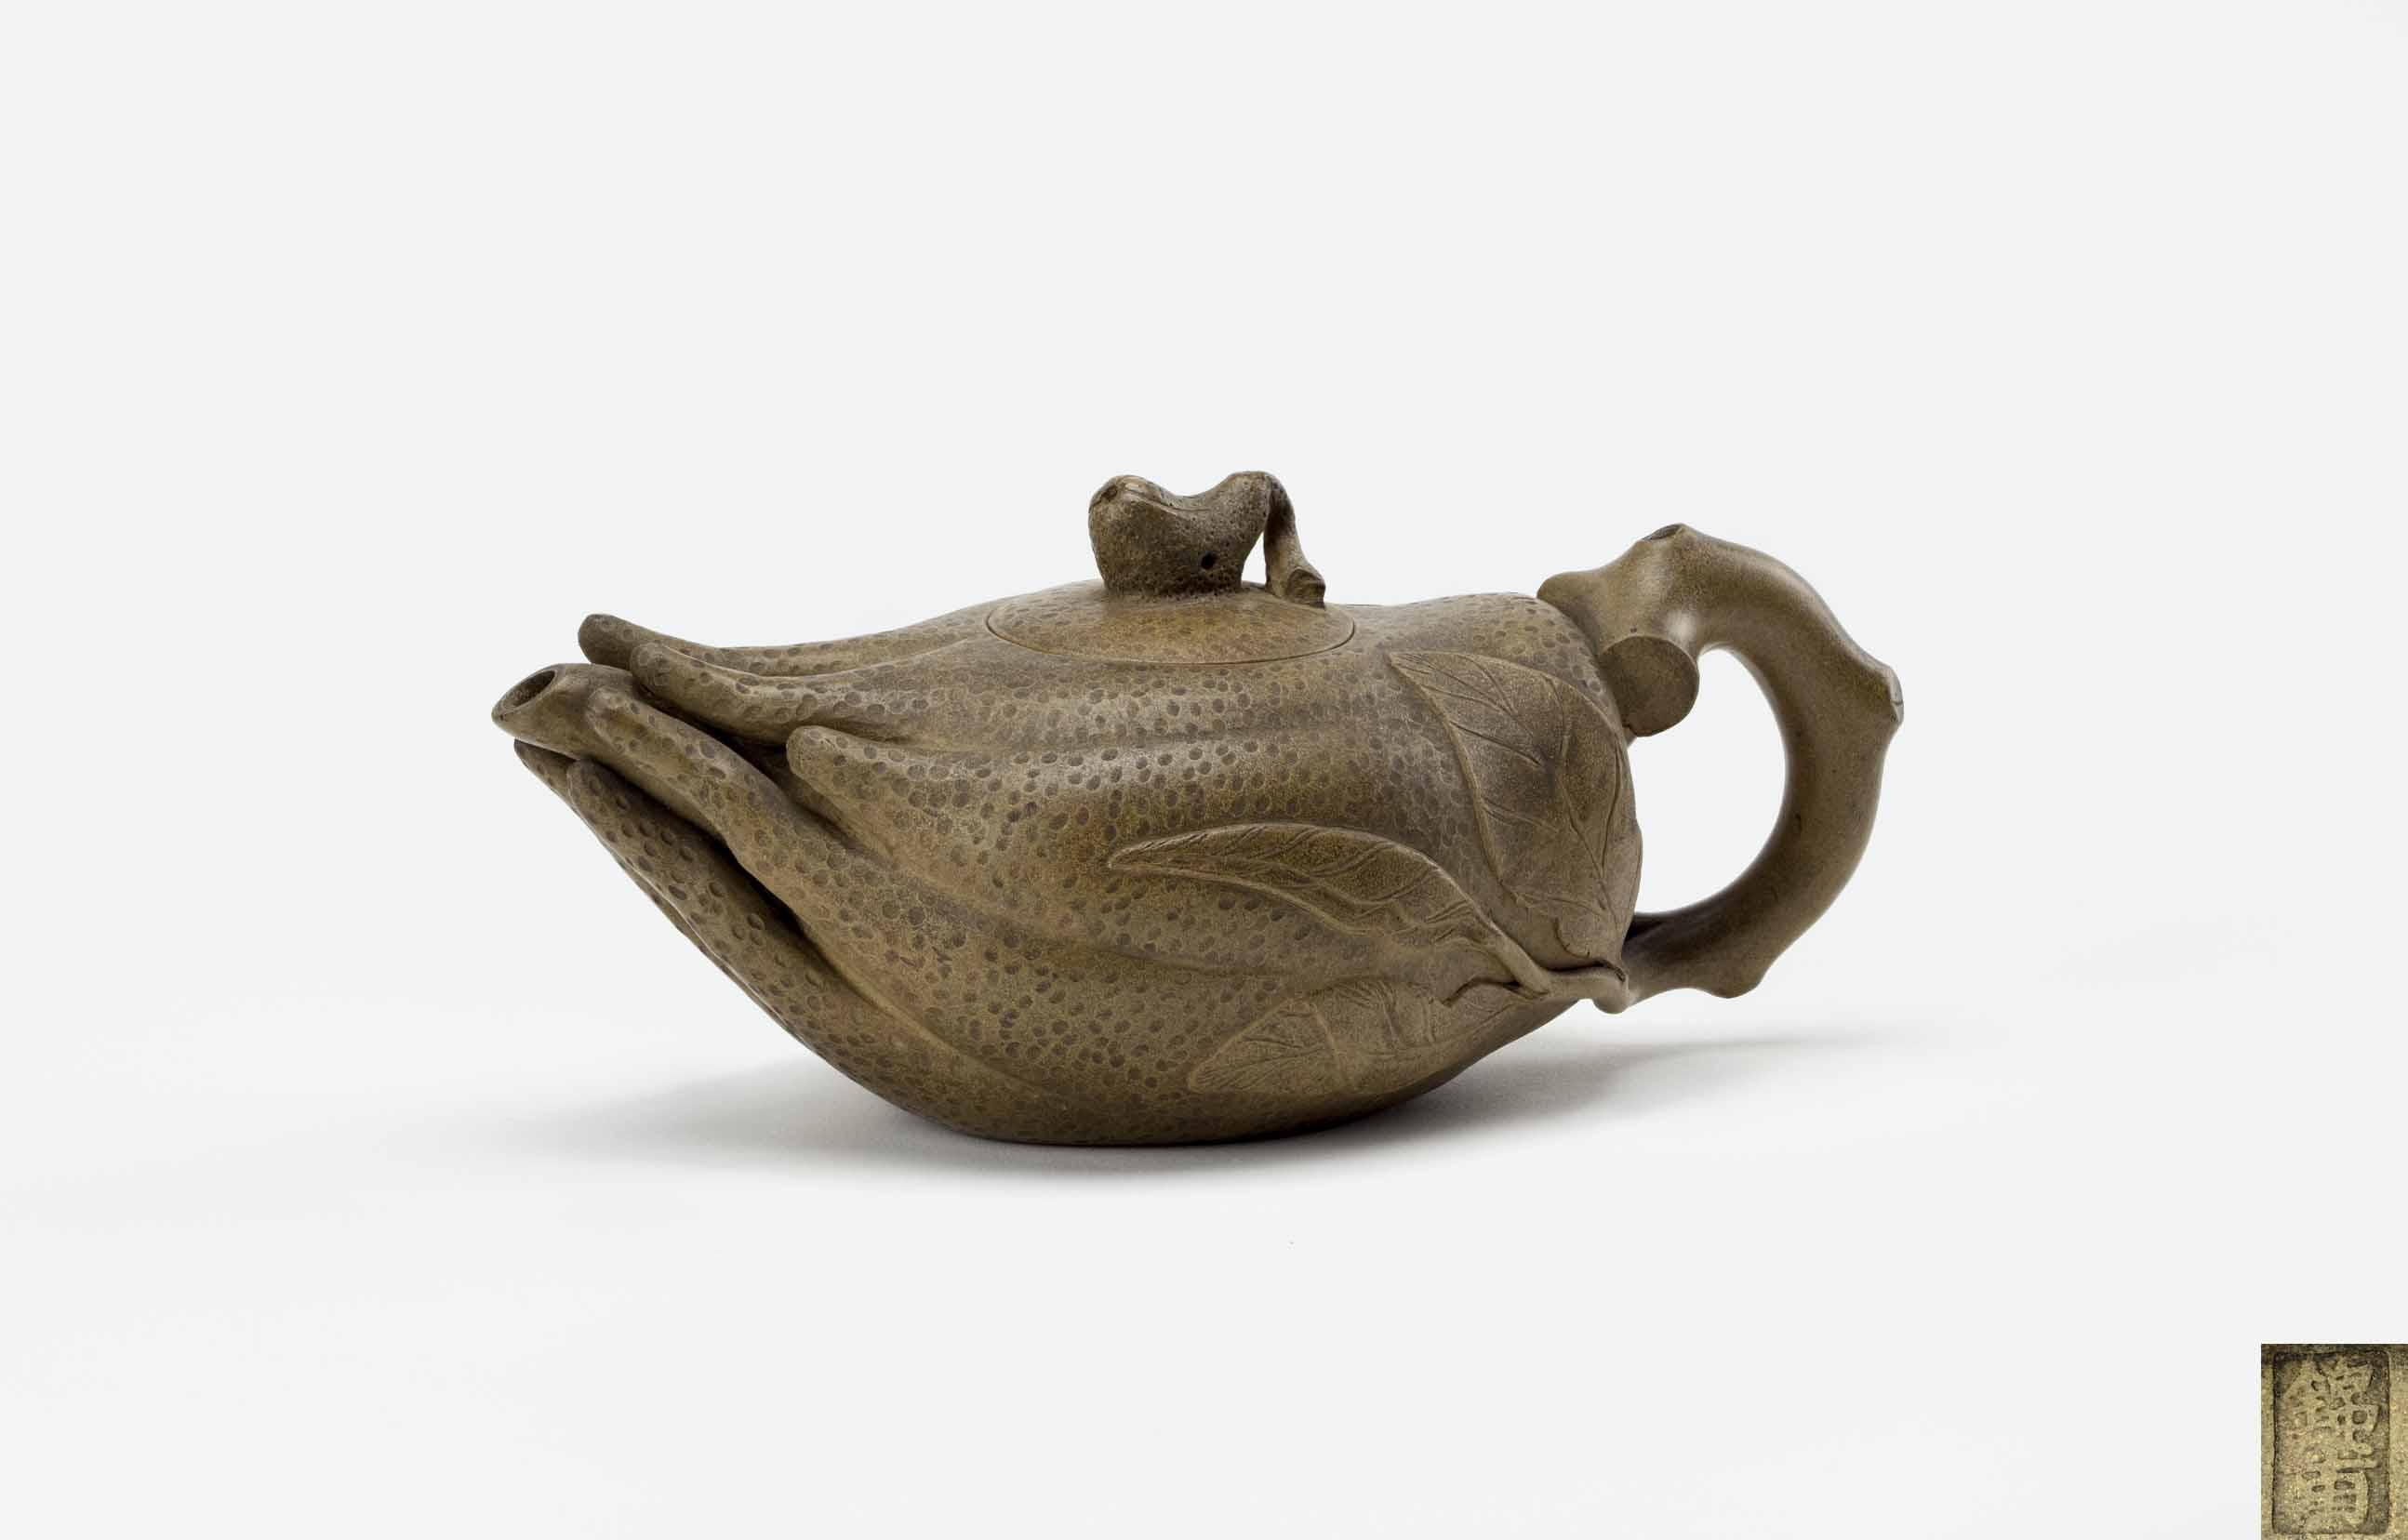 水仙茶壶造型雕刻图解